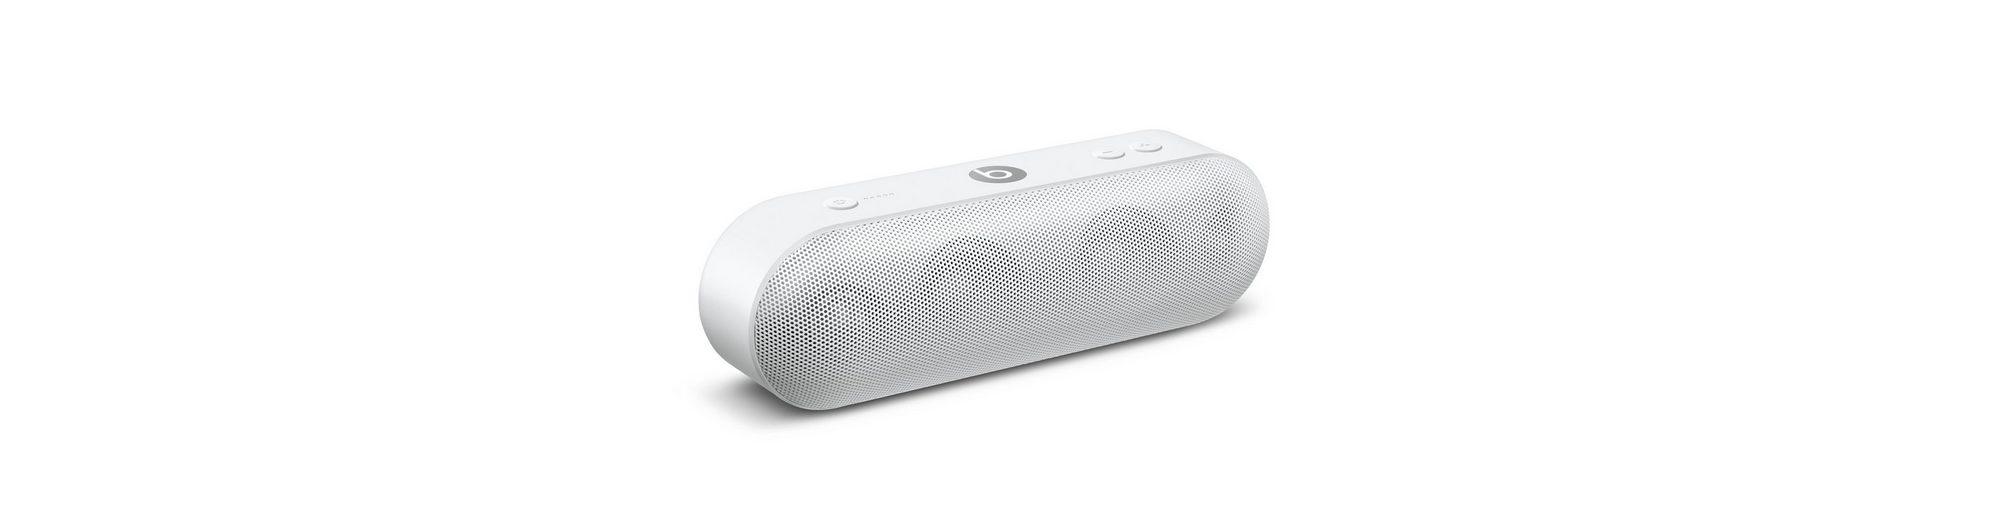 Beats by Dr. Dre mobiler Bluetooth Lautsprecher »Pill+«